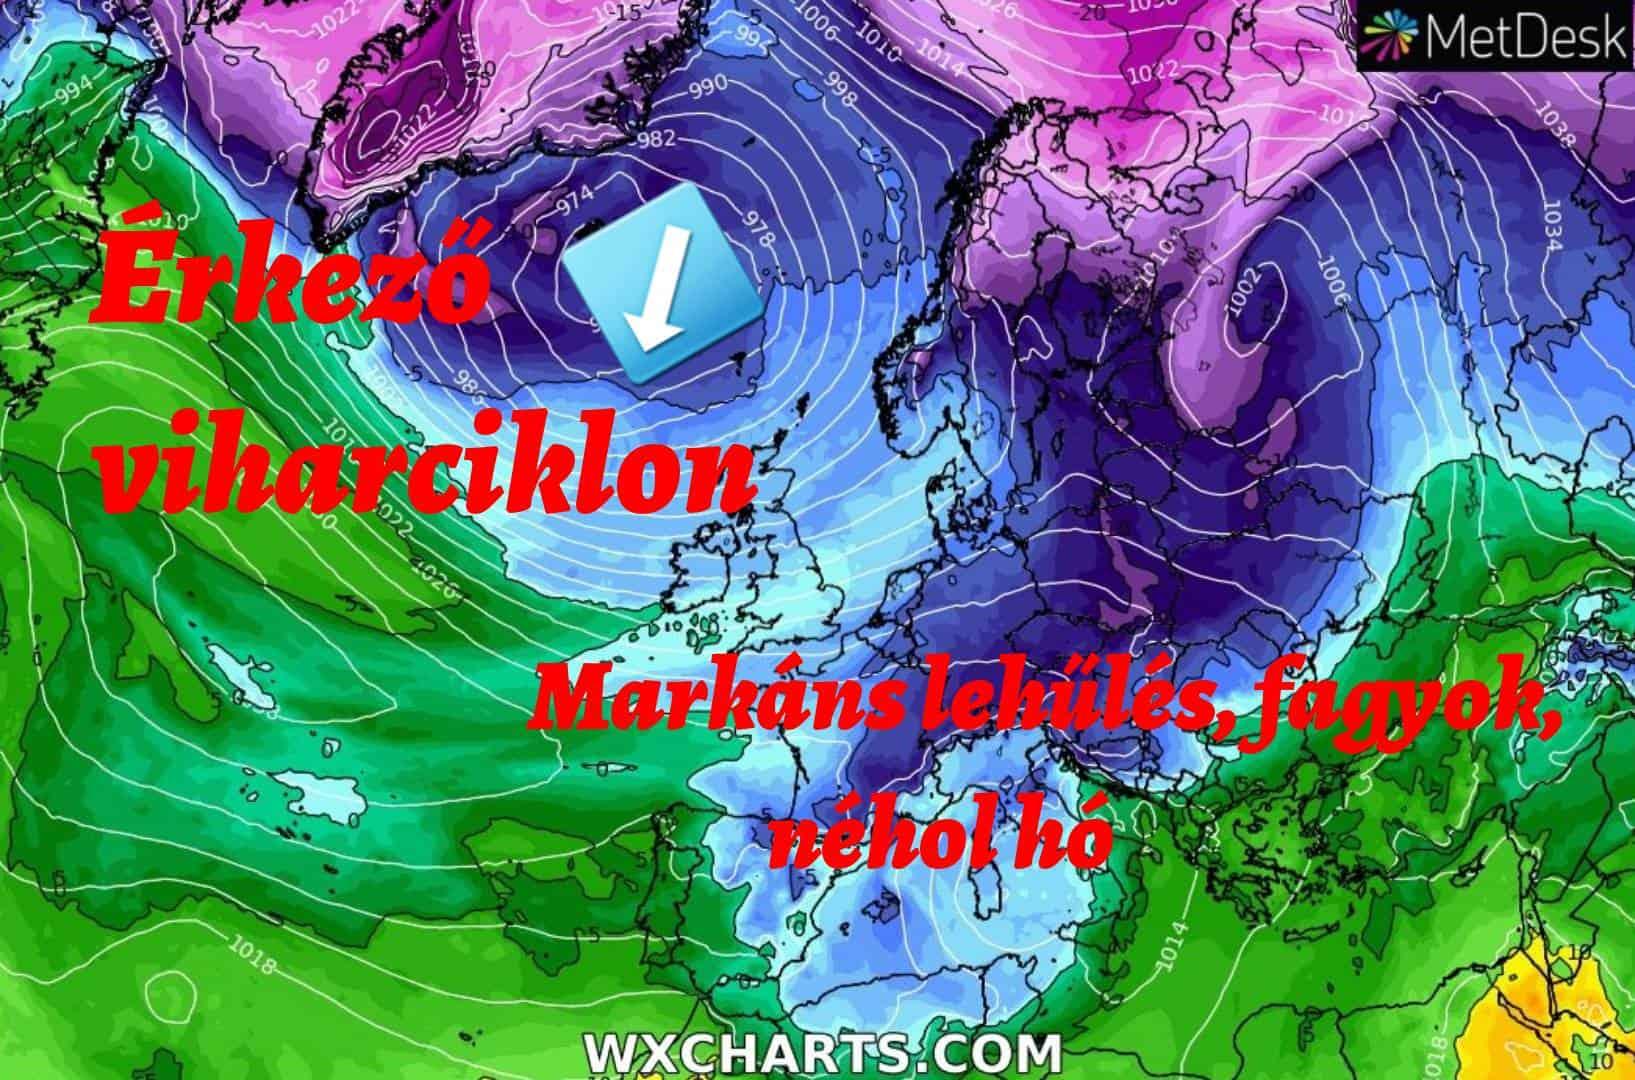 Hosszútávú előrejelzés: markáns lehűlés, néhol hó, majd viharciklon hozhat enyhülést átmenetileg! 5